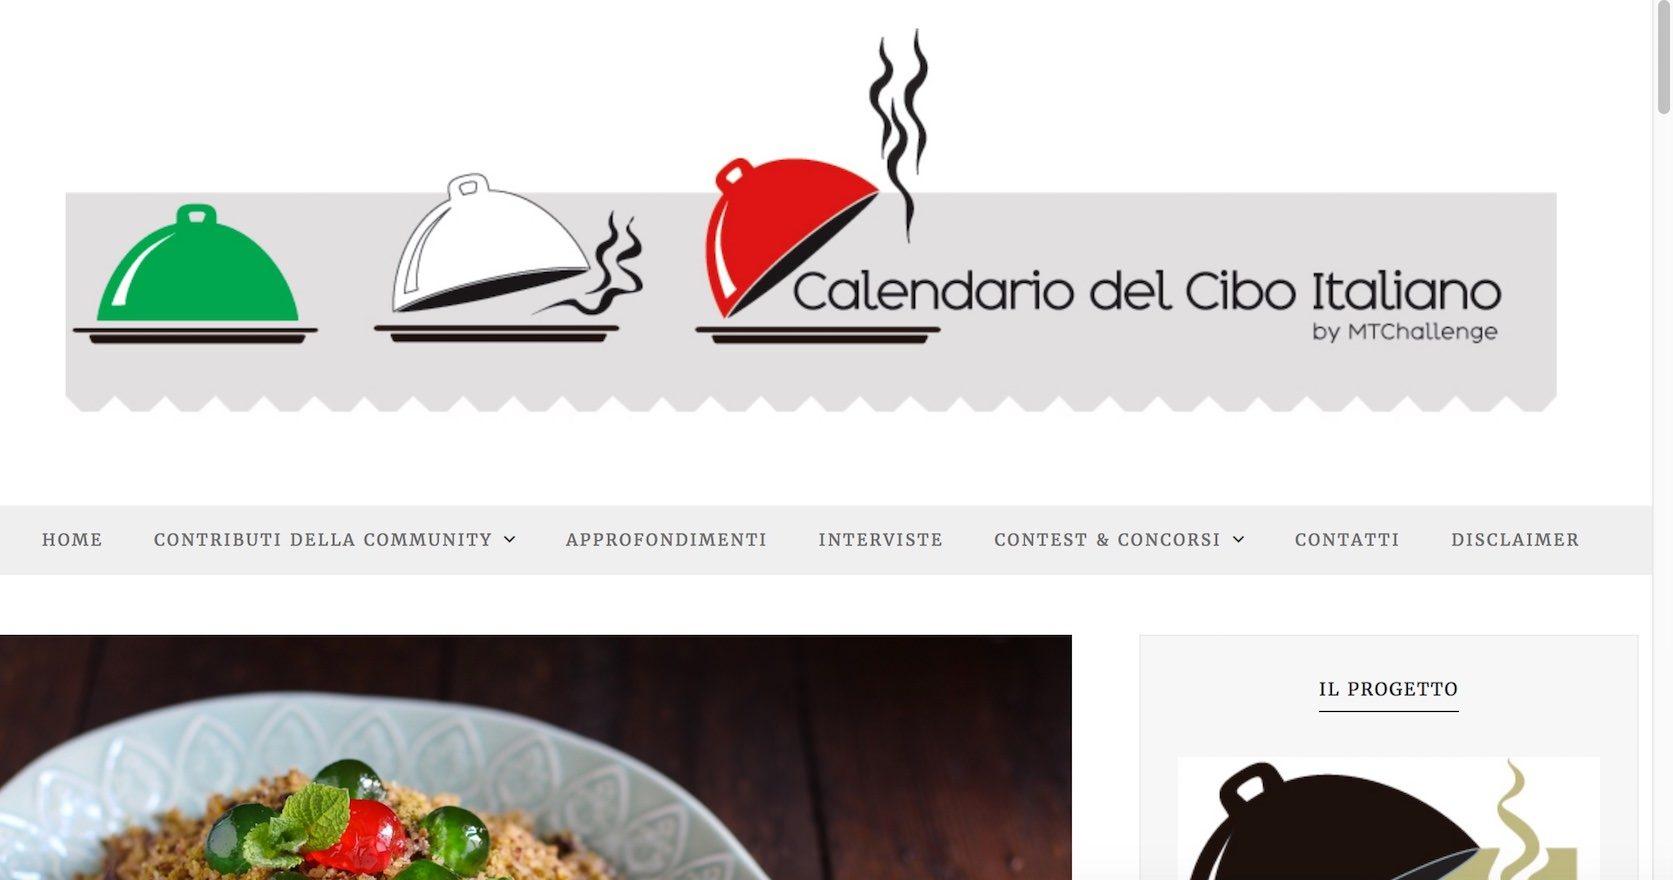 Nasce il Calendario del Cibo Italiano: un format nuovo di webcomunication